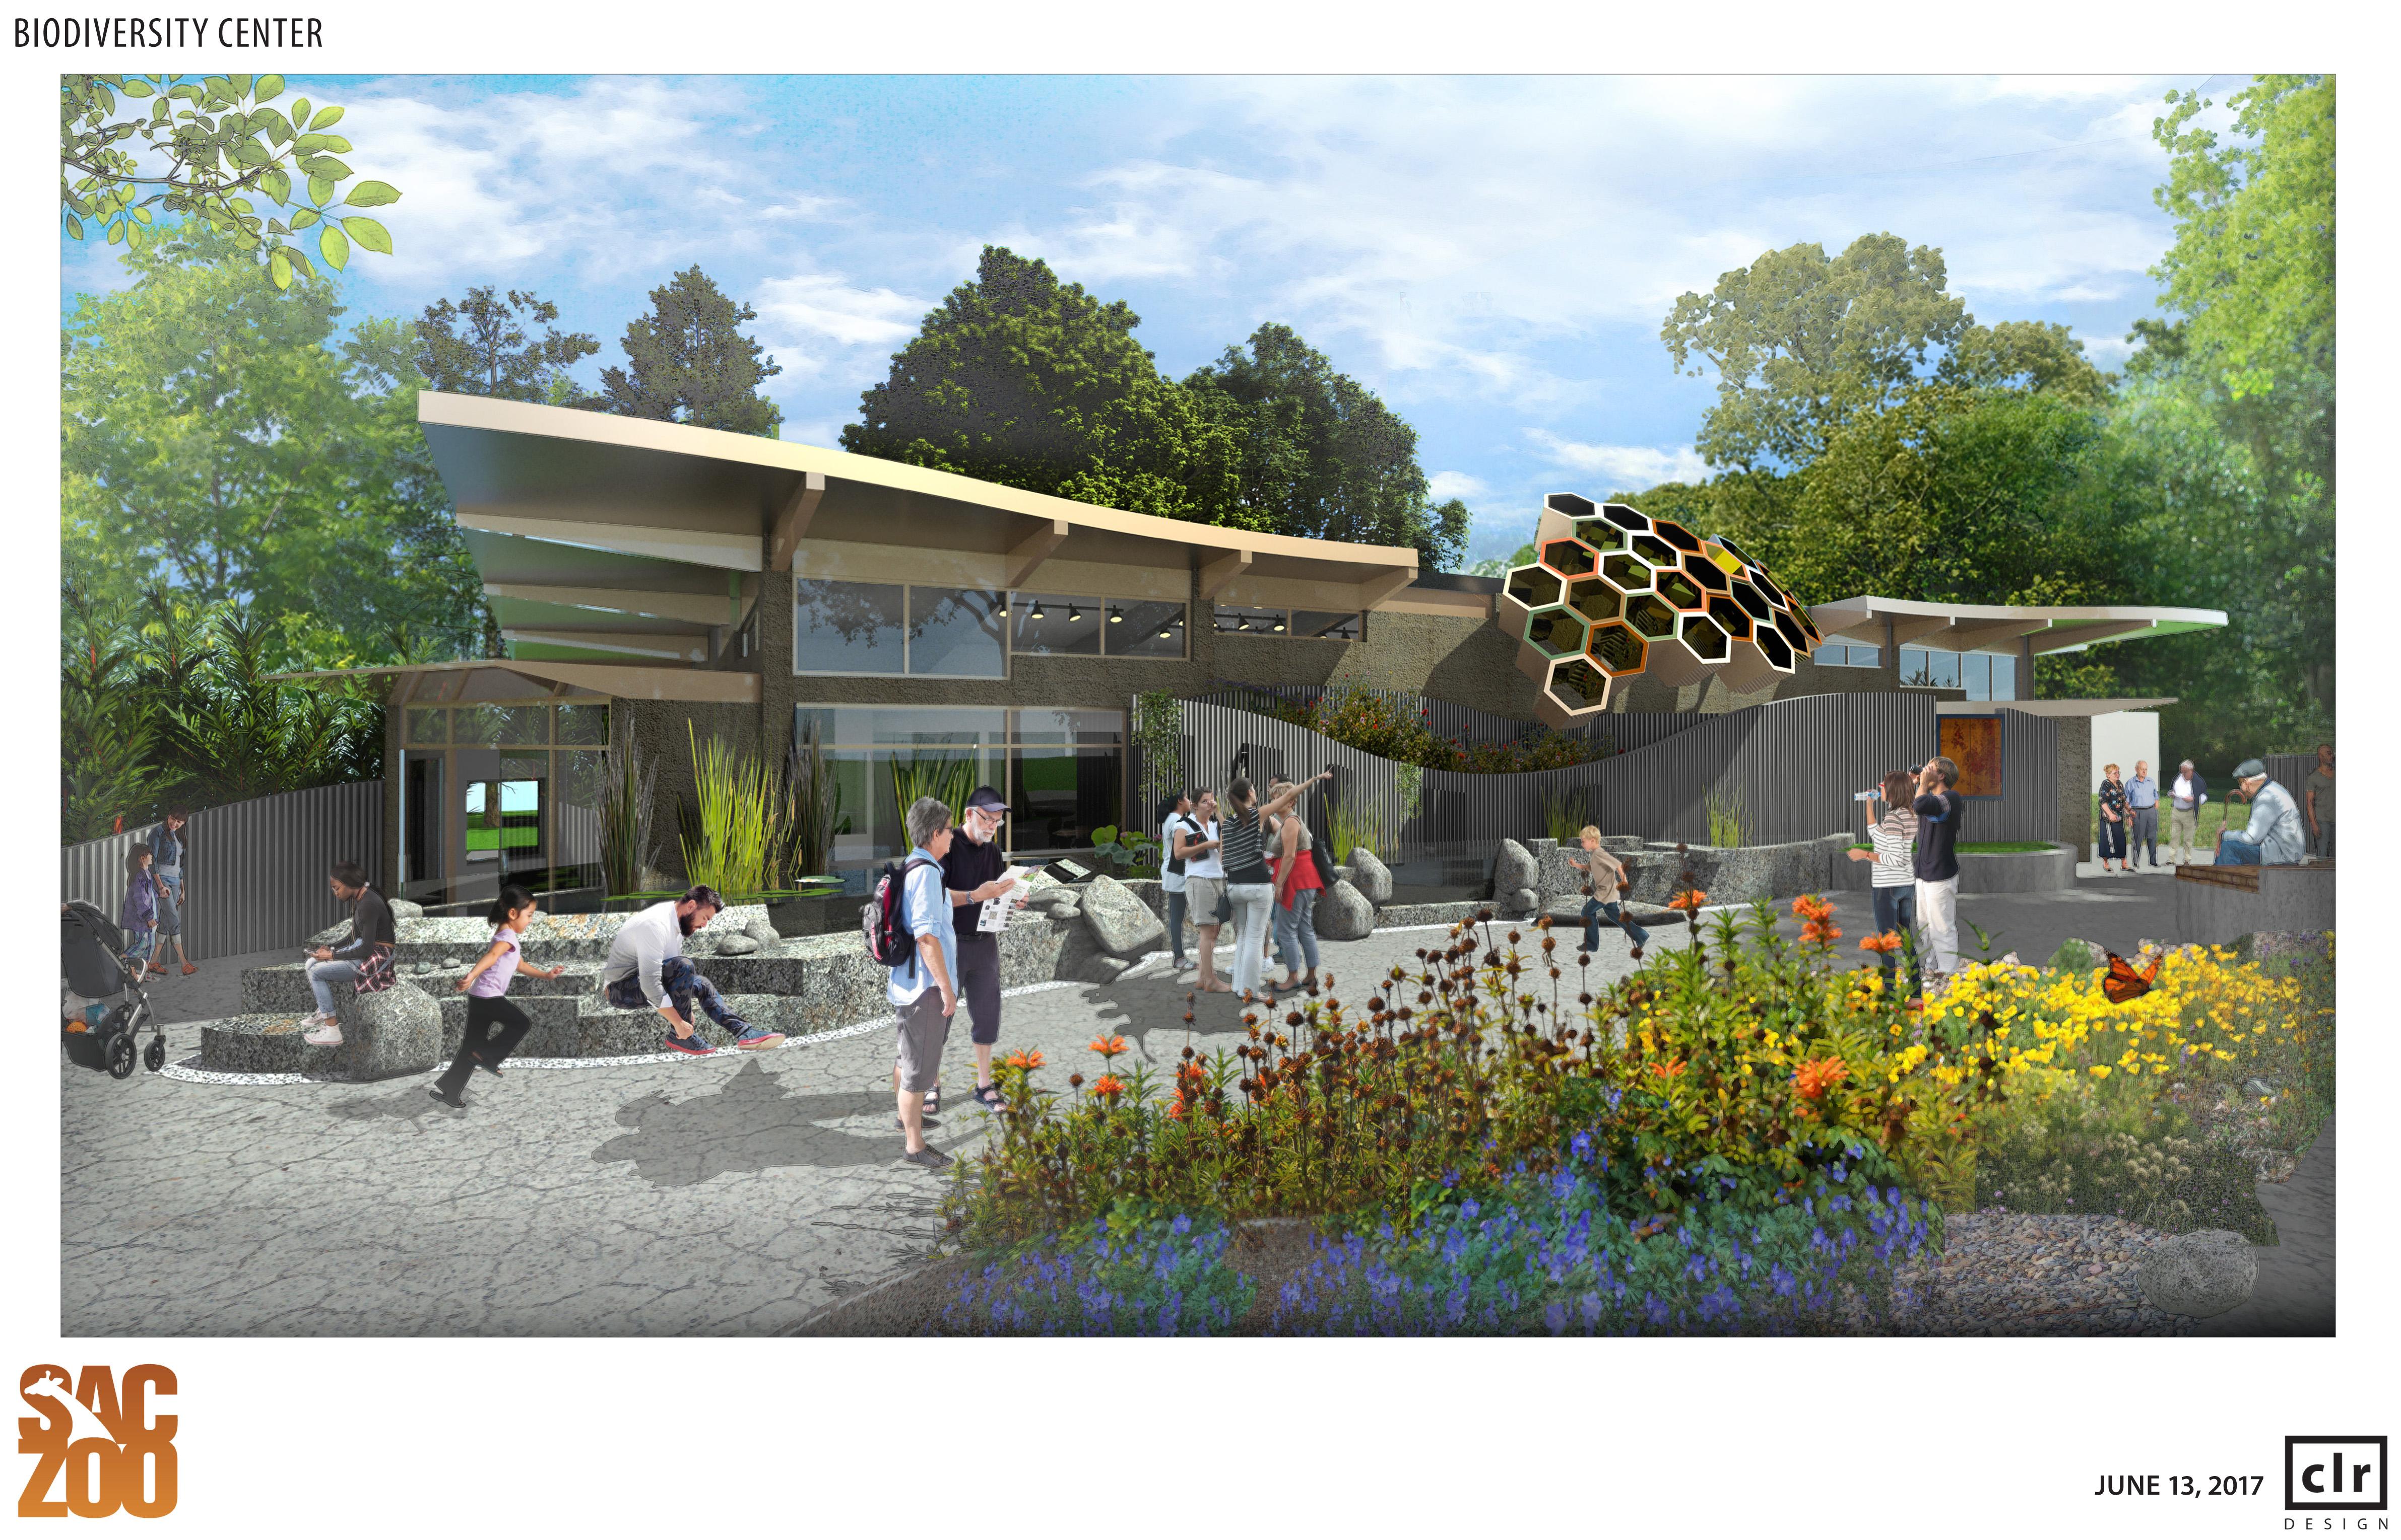 Biodiversity Center Rendering - Outside